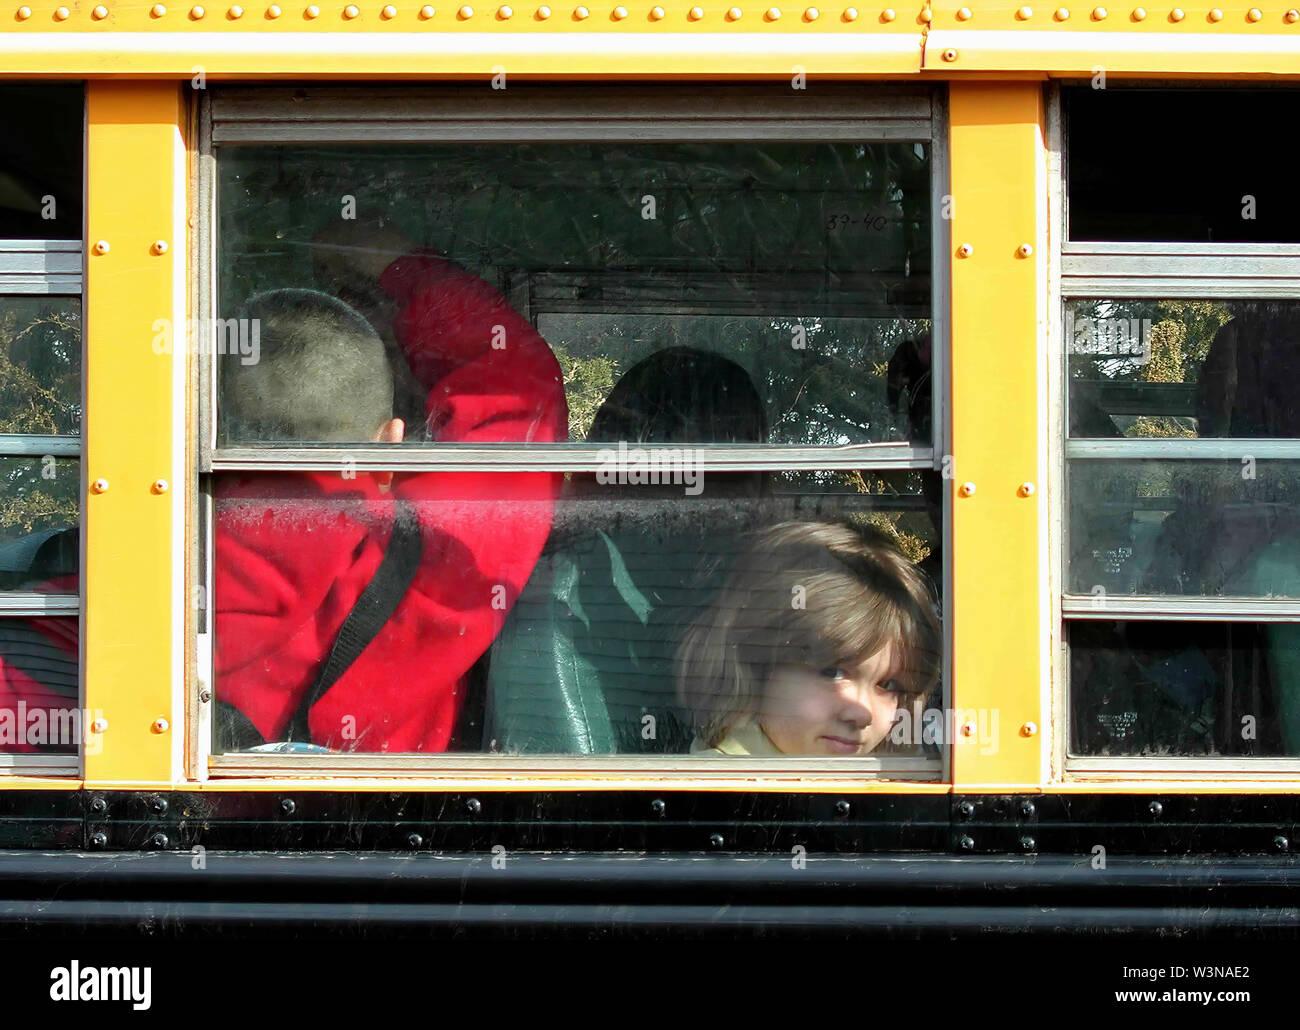 Middletown, CT USA. Mar 2015. Une petite fille à l'intérieur d'un autobus scolaire se détournent de la caméra à un endroit résidentiel drop off. Photo Stock